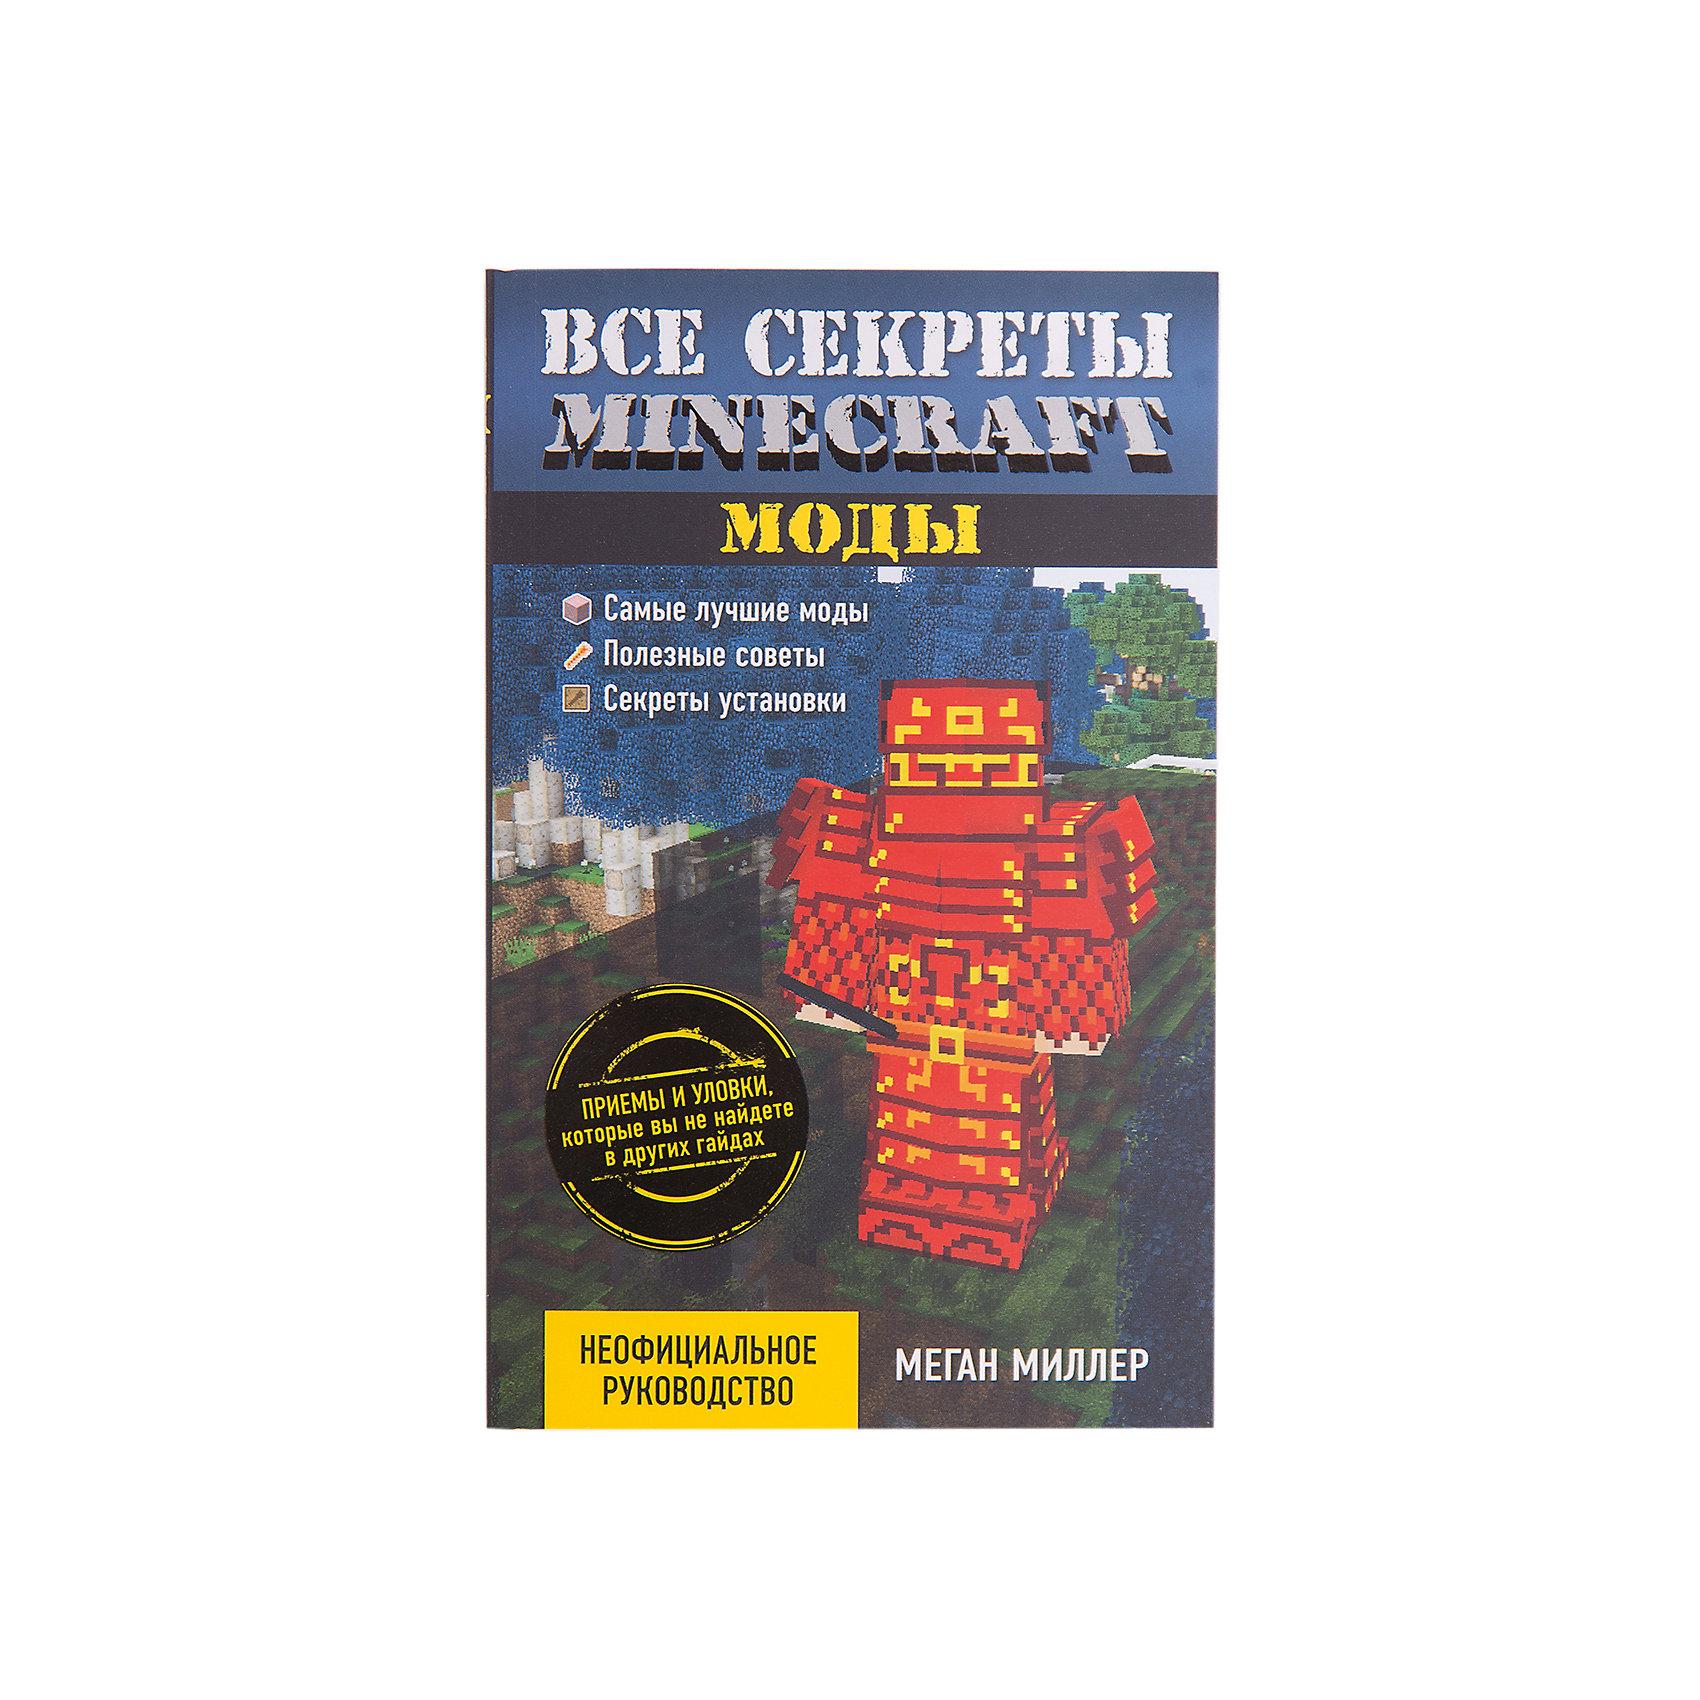 Все секреты Minecraft: МодыКниги для мальчиков<br>Характеристики товара: <br><br>• ISBN: 9785699901494<br>• возраст от: 10 лет<br>• формат: 84x108/32<br>• бумага: мелованная<br>• обложка: мягкая<br>• серия: Minecraft<br>• издательство: Эксмо-Пресс<br>• иллюстрации: черно-белые<br>• автор: Миллер Меган<br>• переводчик: Райтман М. А.<br>• количество страниц: 128<br>• размеры: 20x13 см<br><br>Издание «Все секреты Minecraft: Моды» - проводник в многофункциональной игре-песочнице. Из него можно узнать интересные и полезные сведения о модах.<br><br>Minecraft - это современная игра, имеющая множество поклонников. Любители этого мира будут в восторге от этого издания.<br><br>«Все секреты Minecraft: Моды» можно купить в нашем интернет-магазине.<br><br>Ширина мм: 200<br>Глубина мм: 125<br>Высота мм: 80<br>Вес г: 250<br>Возраст от месяцев: 192<br>Возраст до месяцев: 2147483647<br>Пол: Унисекс<br>Возраст: Детский<br>SKU: 5535337